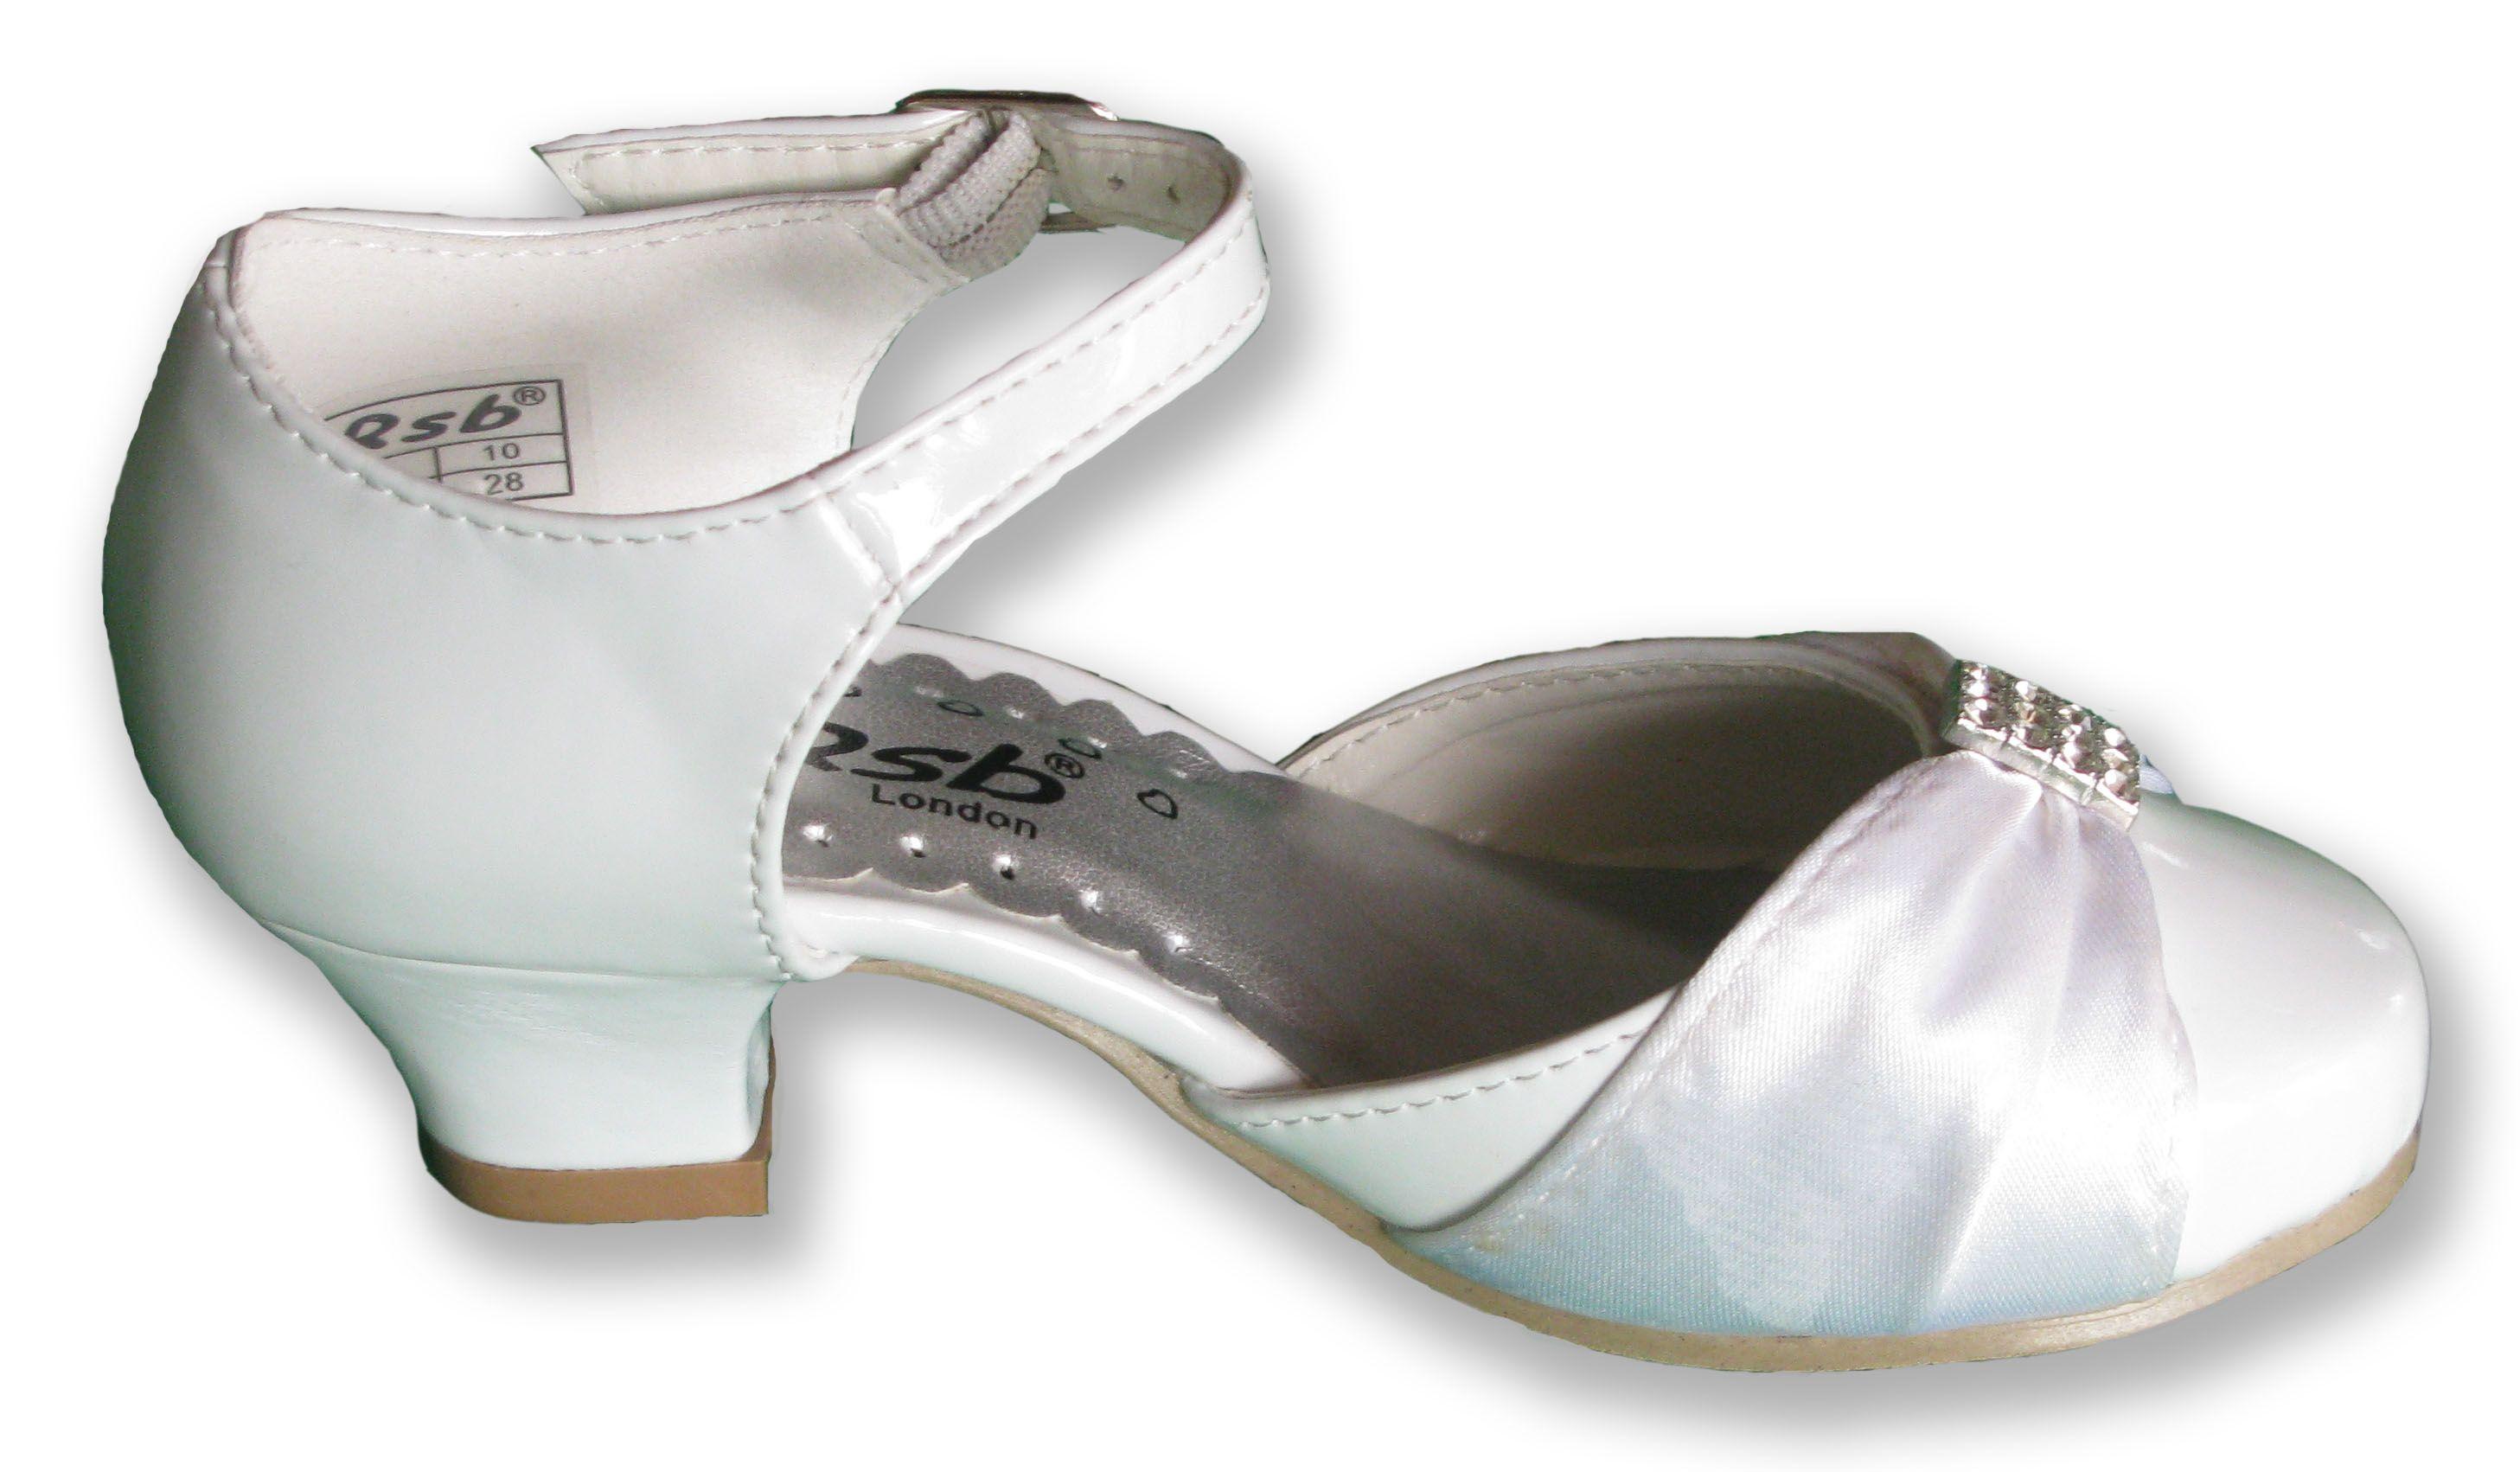 90d3e739e2b Παπούτσια για Παρανυφάκια - Επίσημα Παπούτσια για Κορίτσια :: Παιδικά  Παπούτσια Για Κορίτσια, Γοβες